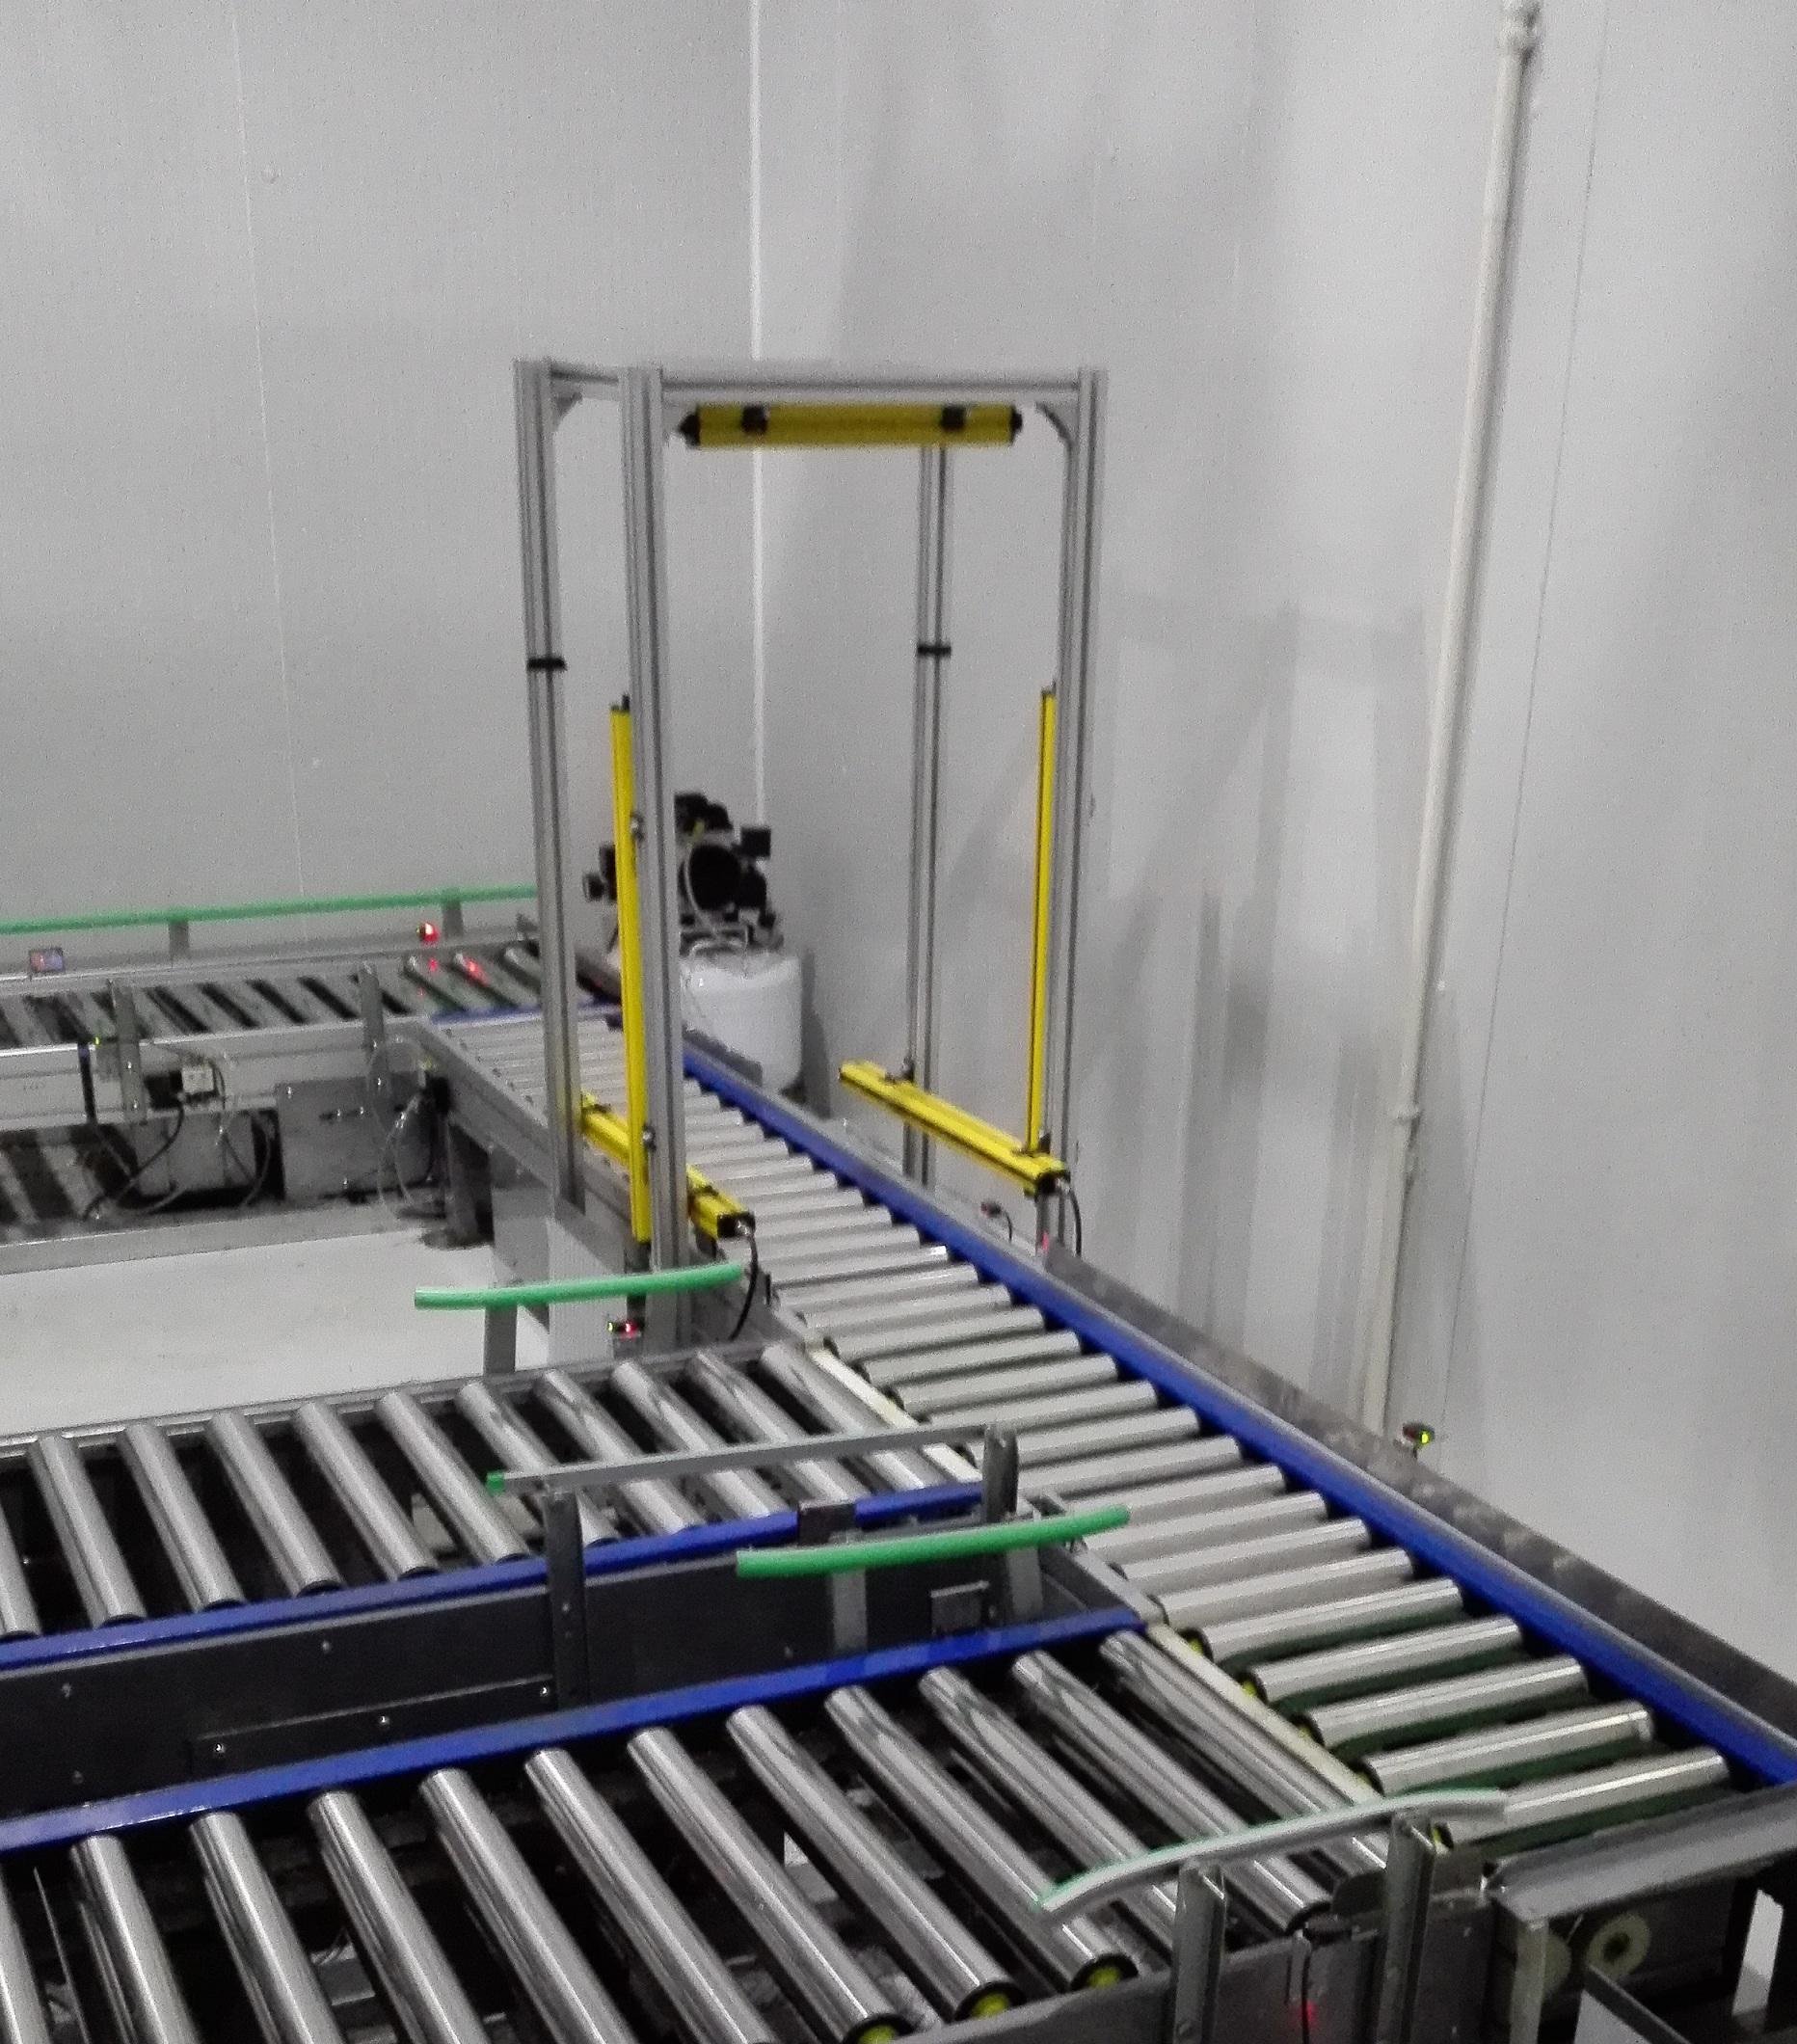 光栅体积测量系统在线监测货物尺寸装置